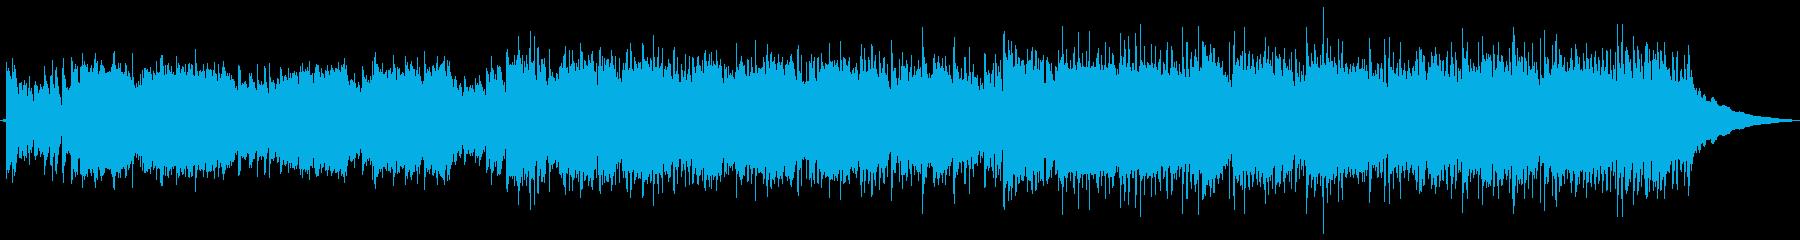 オープニング・かっこいいフラメンコの再生済みの波形